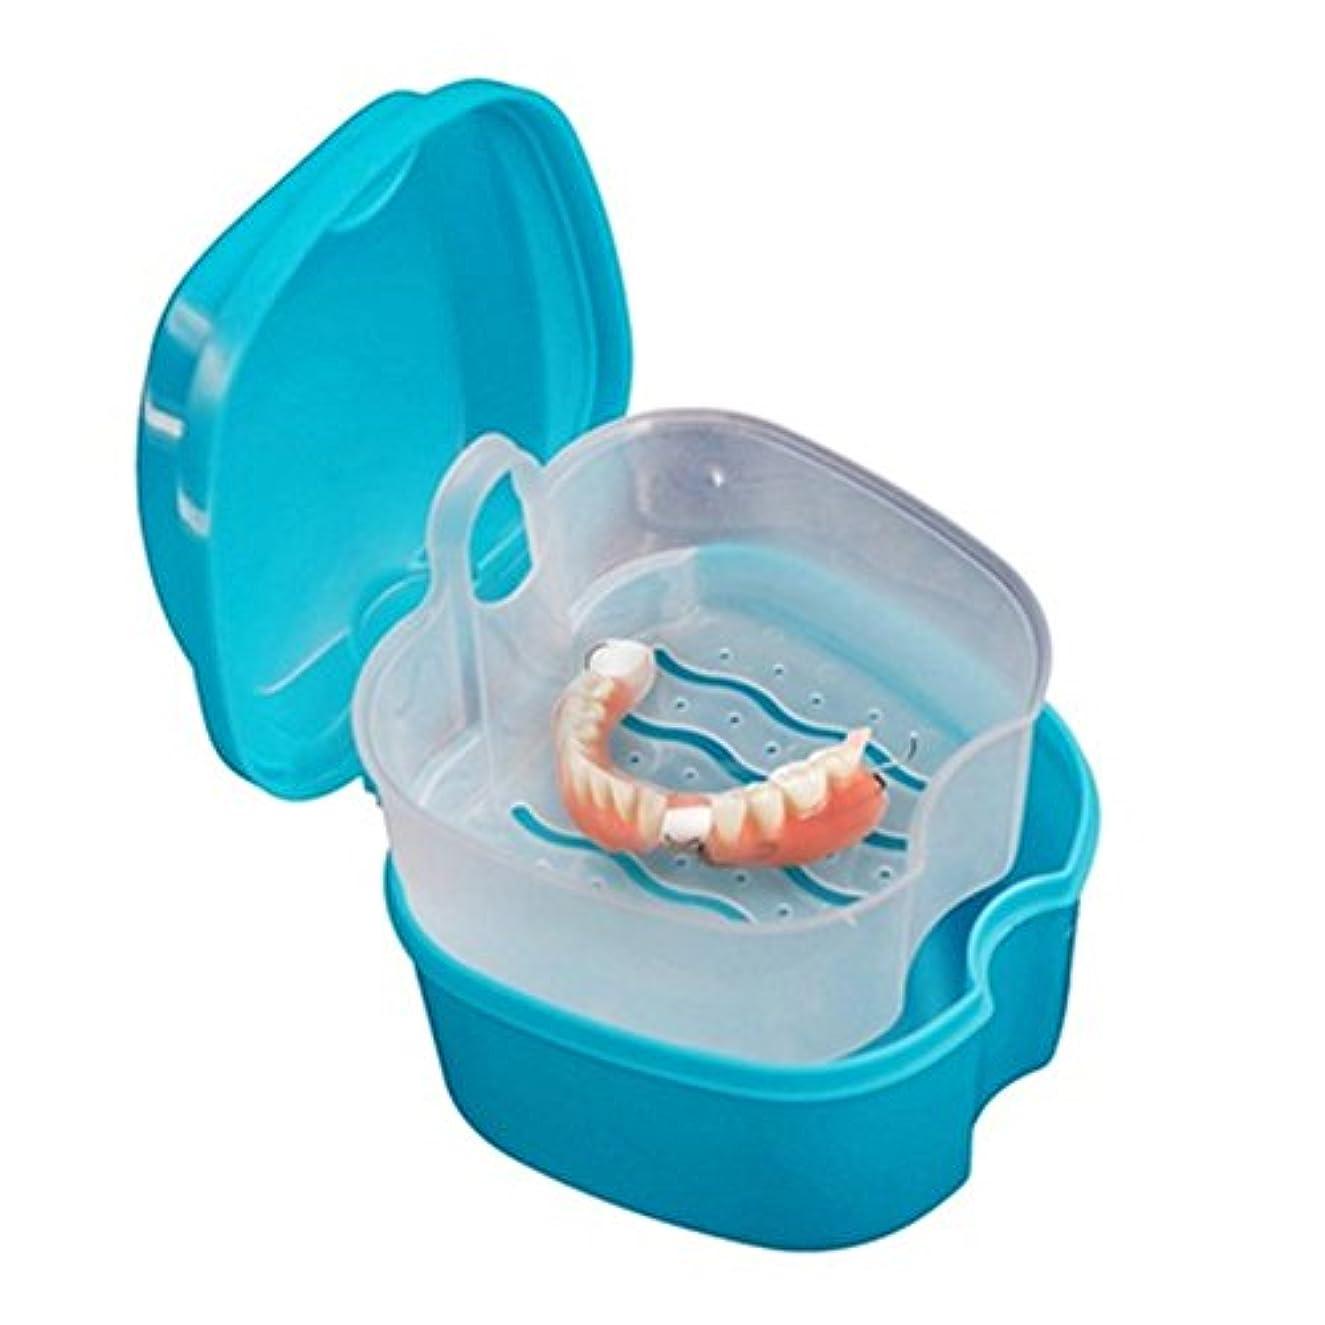 めんどり純粋に二度Cozyrom ネット付き 抗菌加工 乳歯 入れ歯収納ケース 容器 ボック 使いやすい